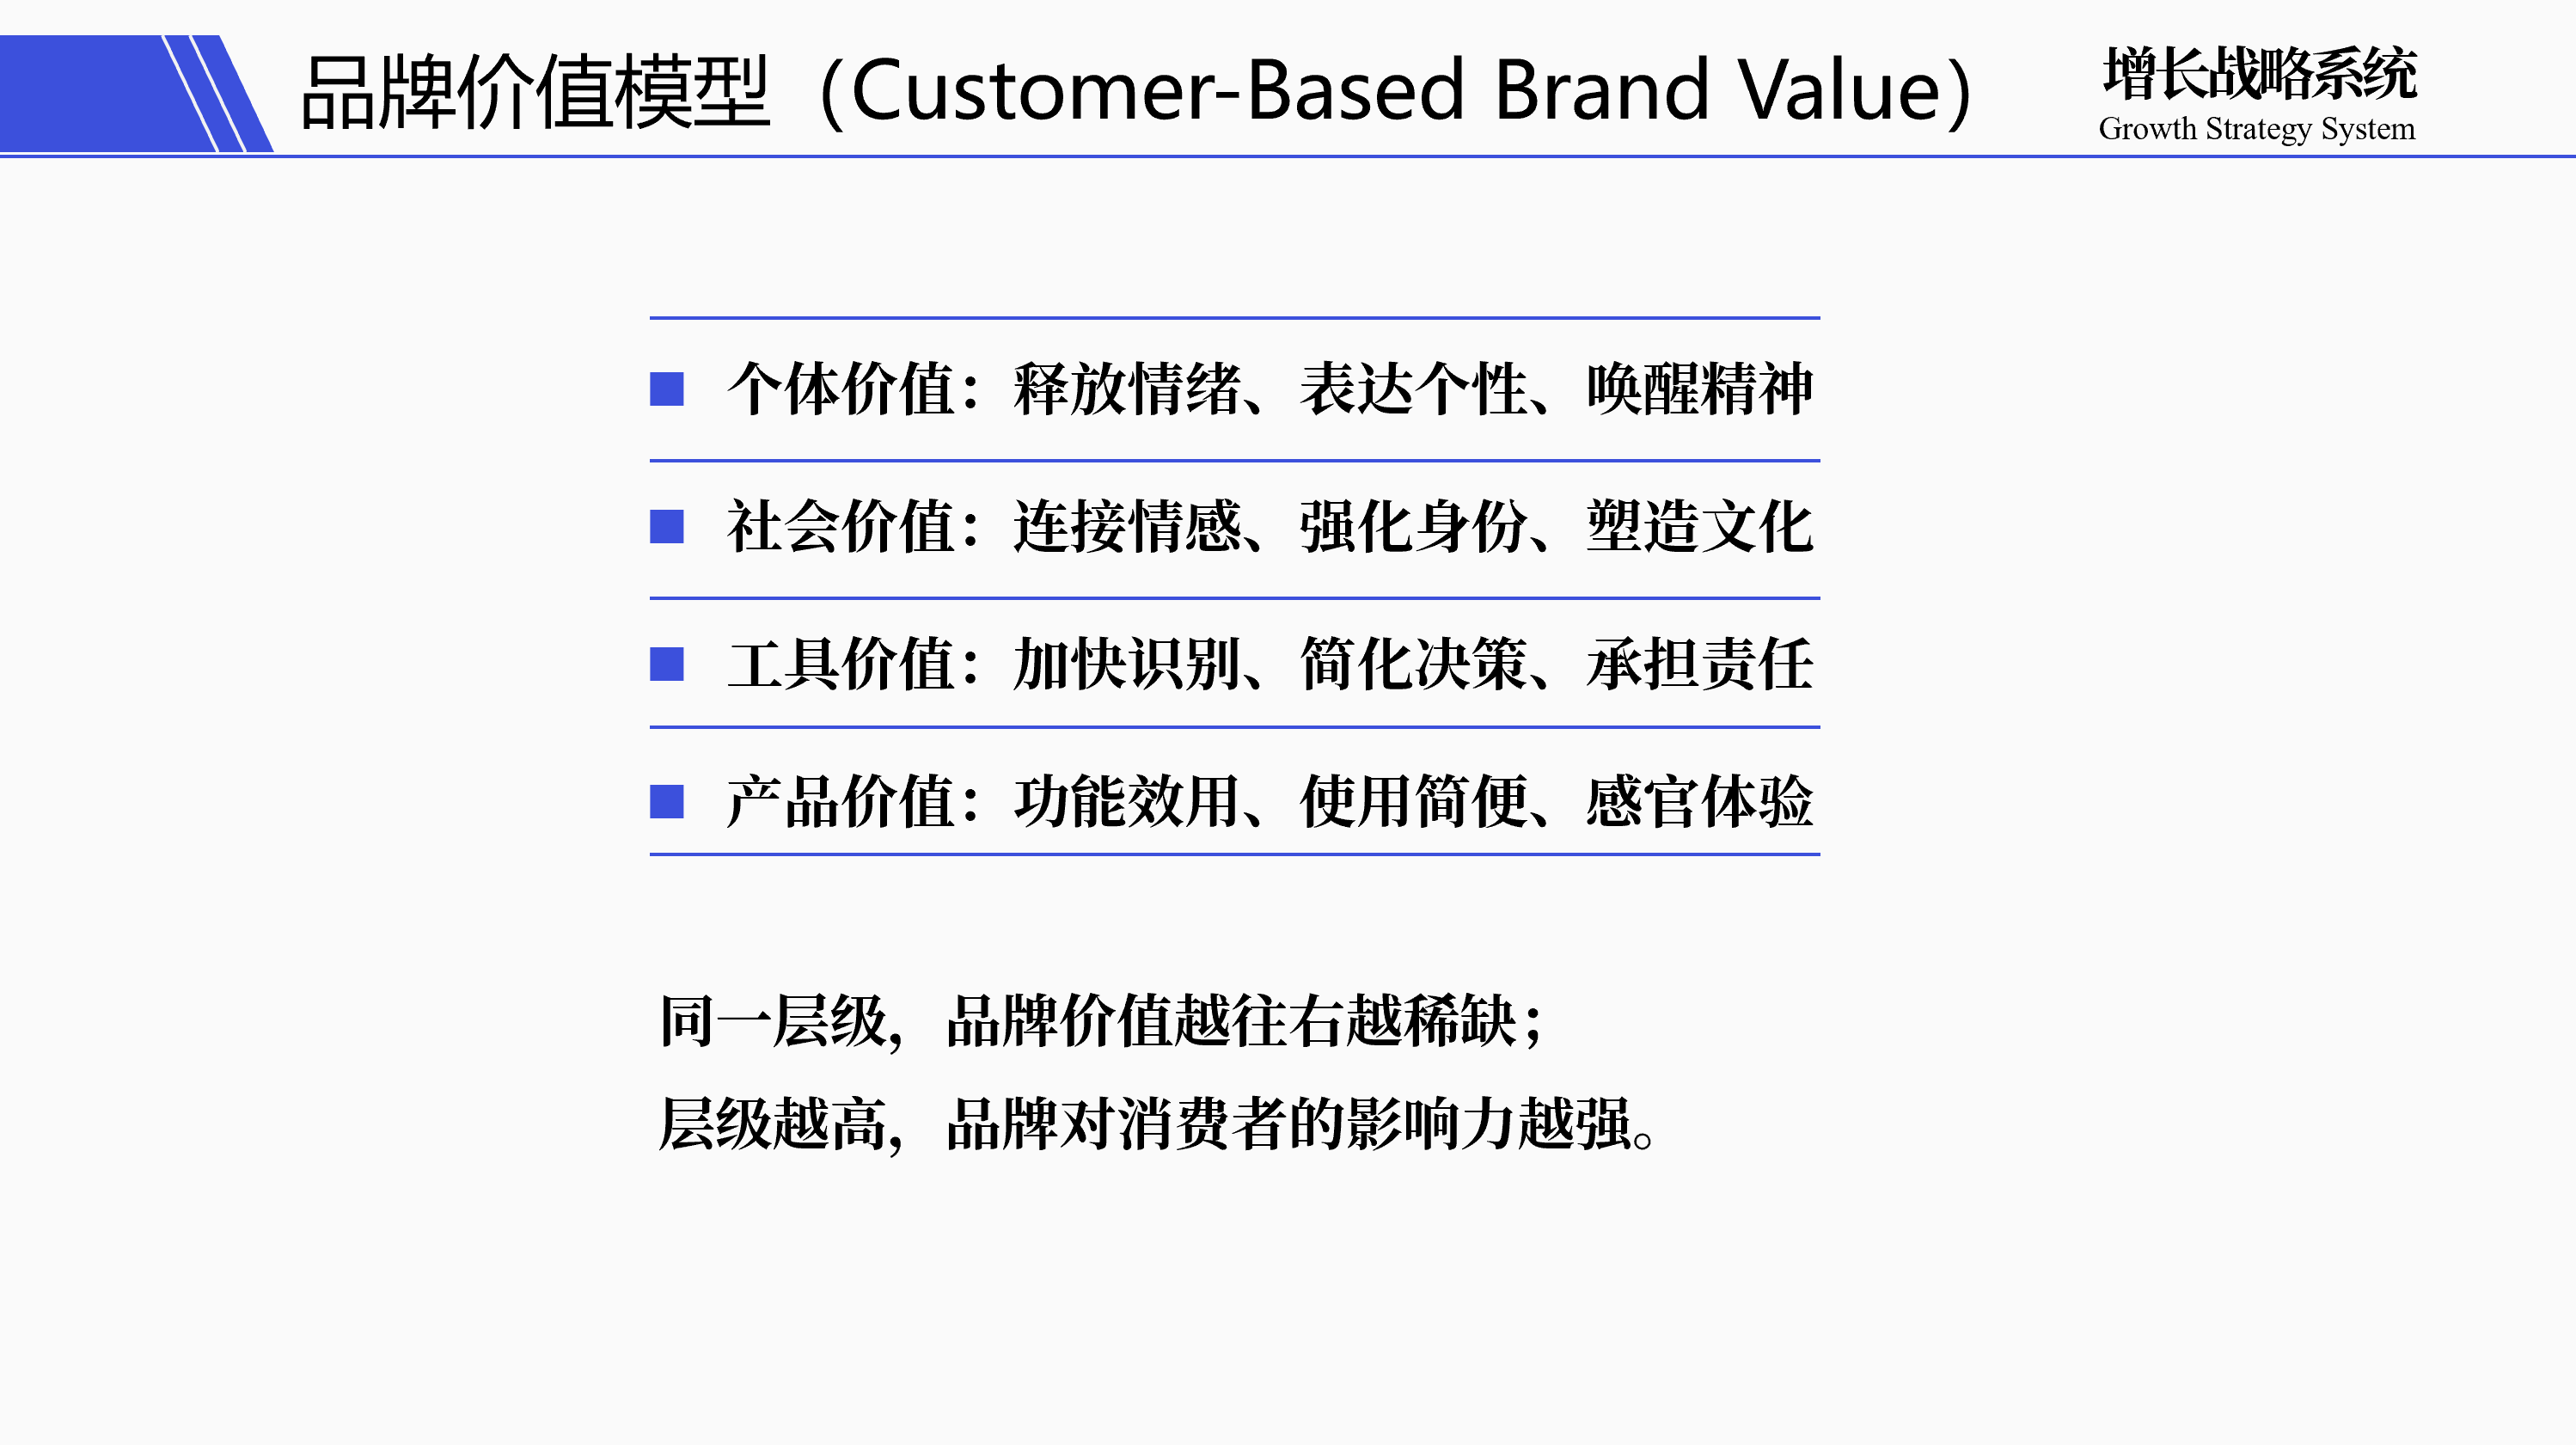 鸟哥笔记,广告营销,郑光涛Grant,品牌价值,品牌推广,策略,营销,品牌定位